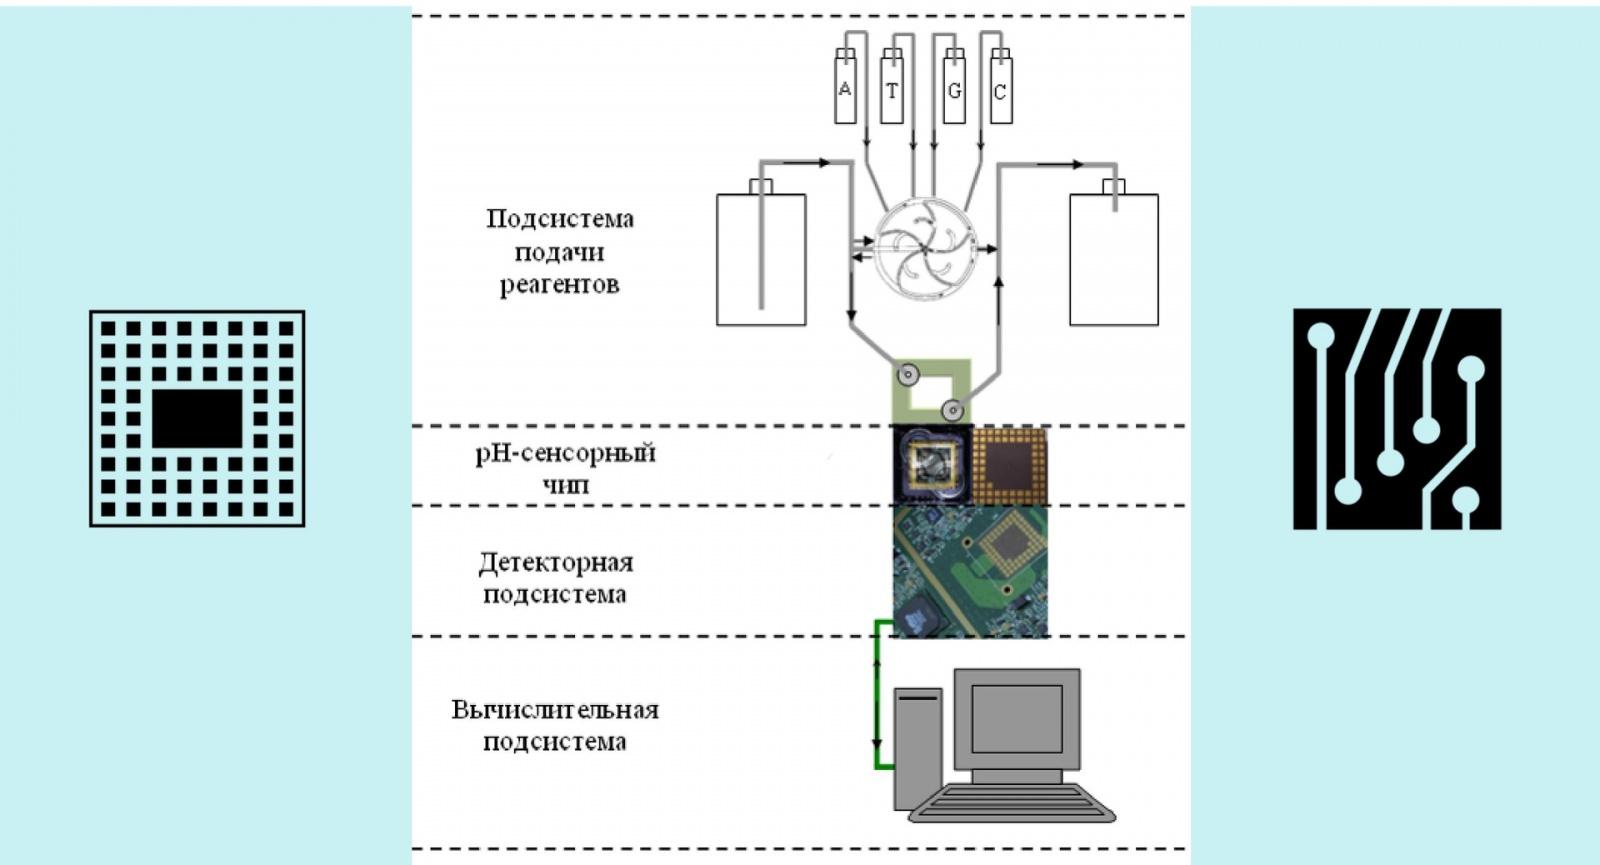 Секвенирование ДНК в домашних условиях: Как на коленке собрать прибор за 10 миллионов - 3